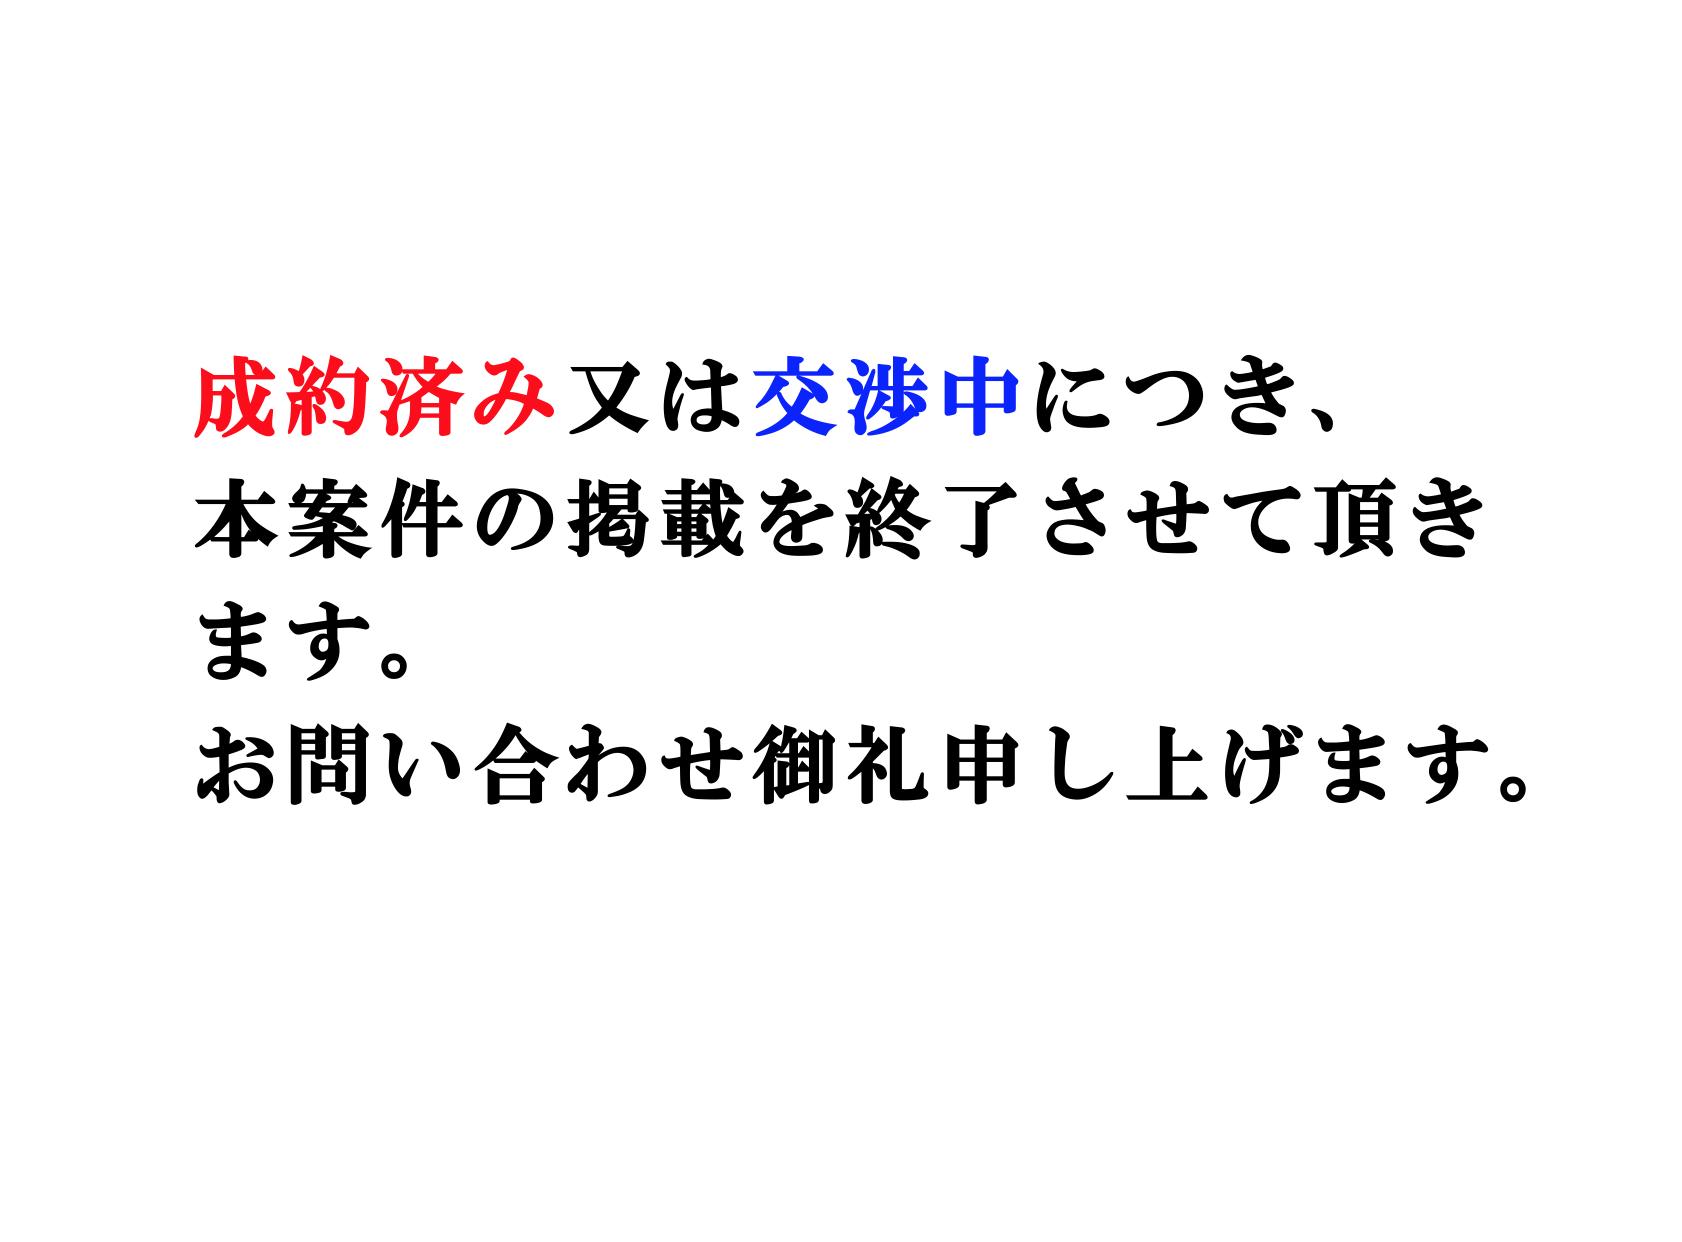 スクリーンショット 2015-01-12 11.31.36